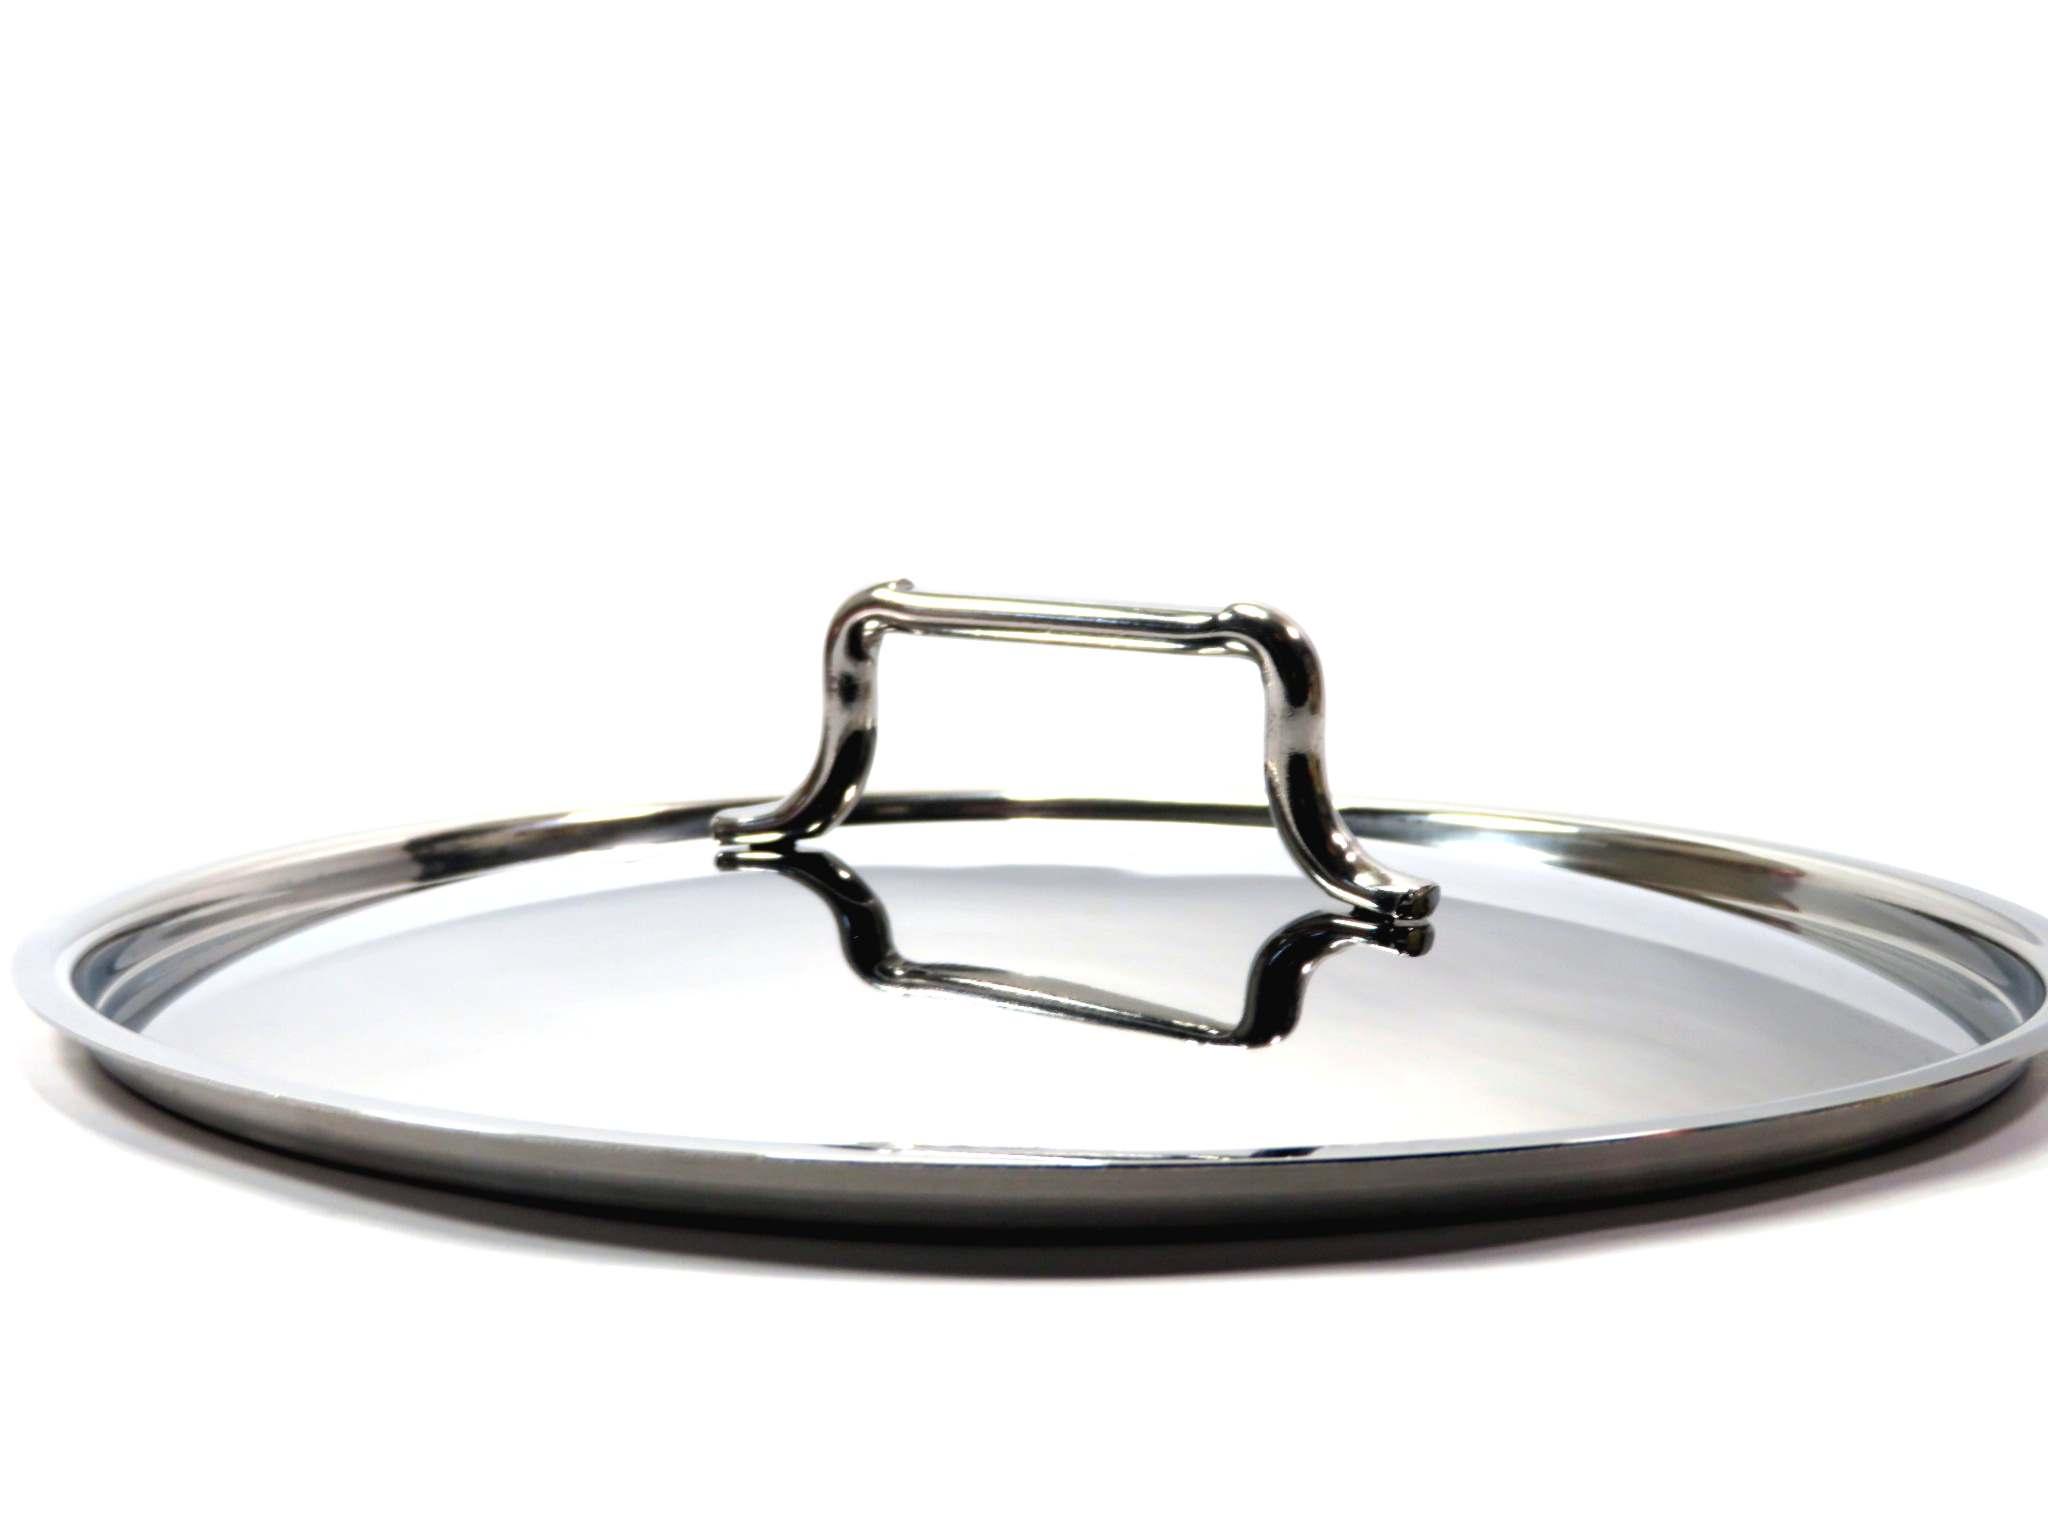 Coperchio in acciaio cm24